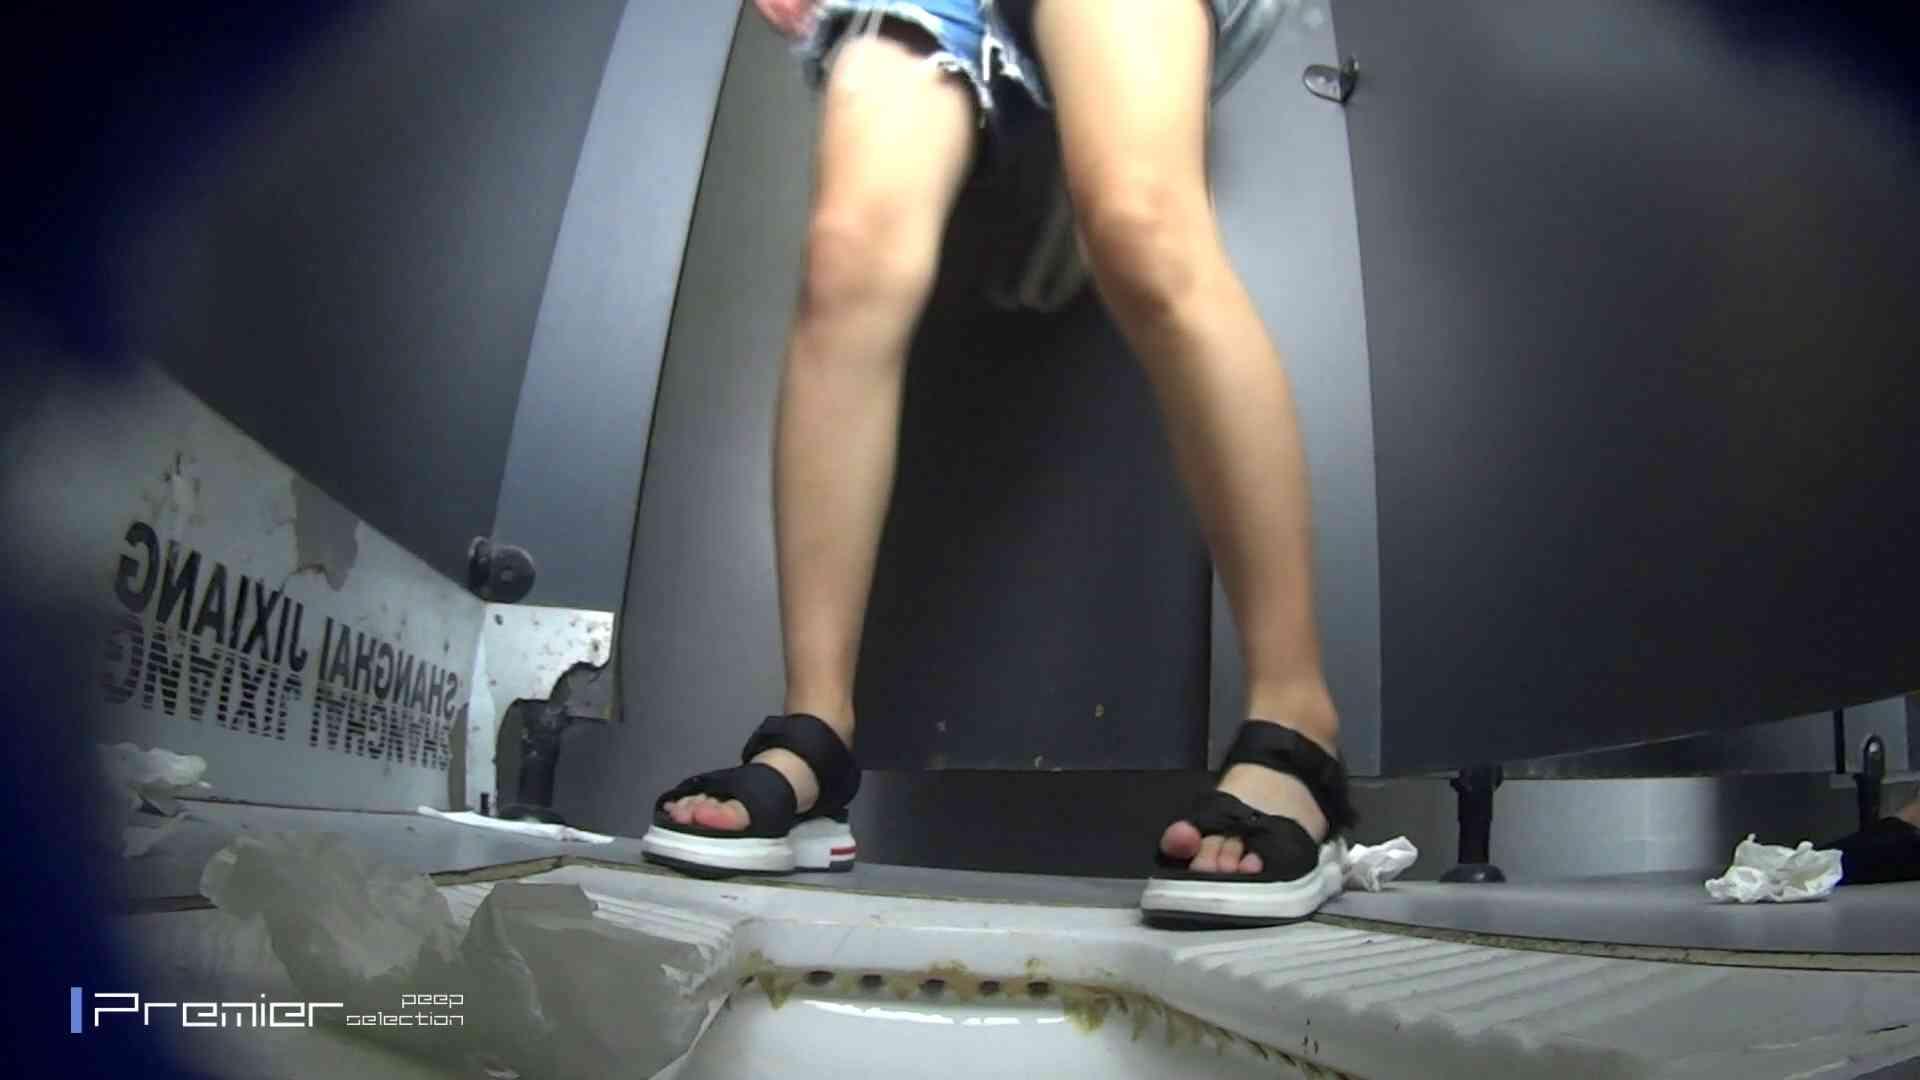 聖水ダラダラ色美女の洗面所 大学休憩時間の洗面所事情55 丸見え オマンコ動画キャプチャ 107画像 47